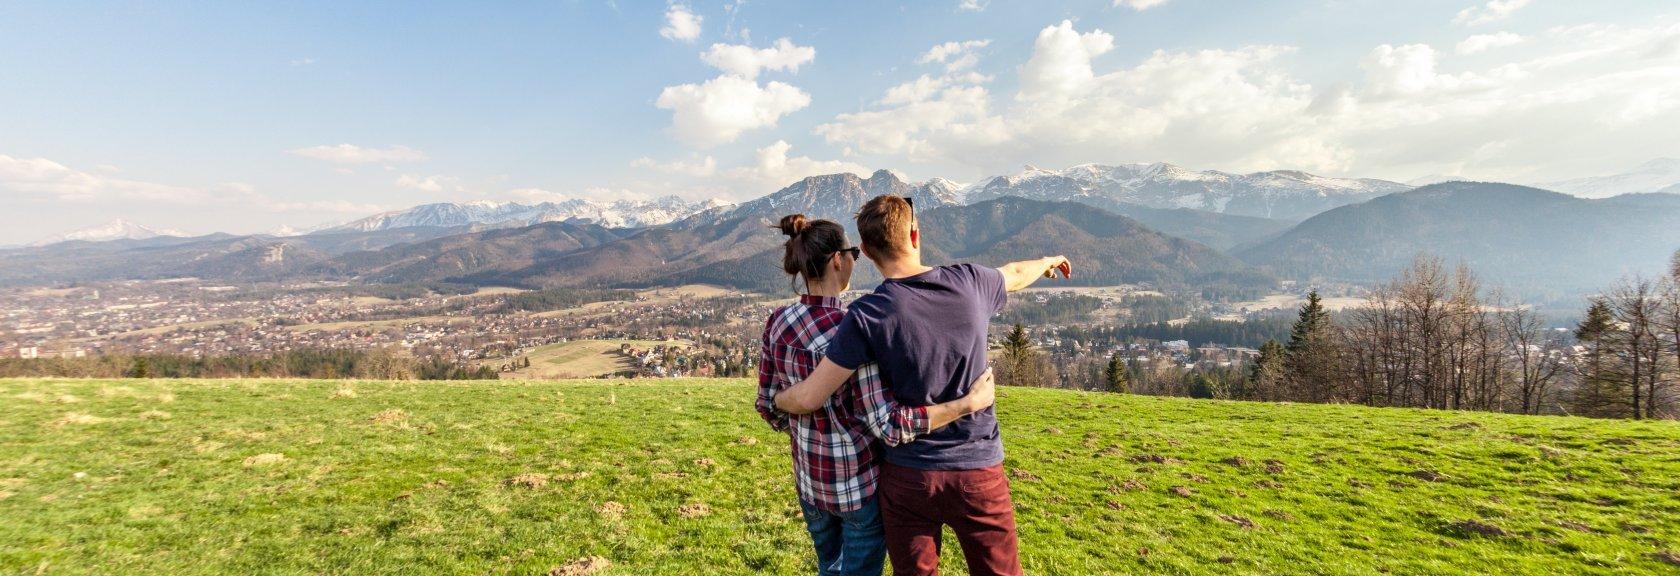 Weekend dla pary w Zakopanem - jak najlepiej wykorzystać ten czas?